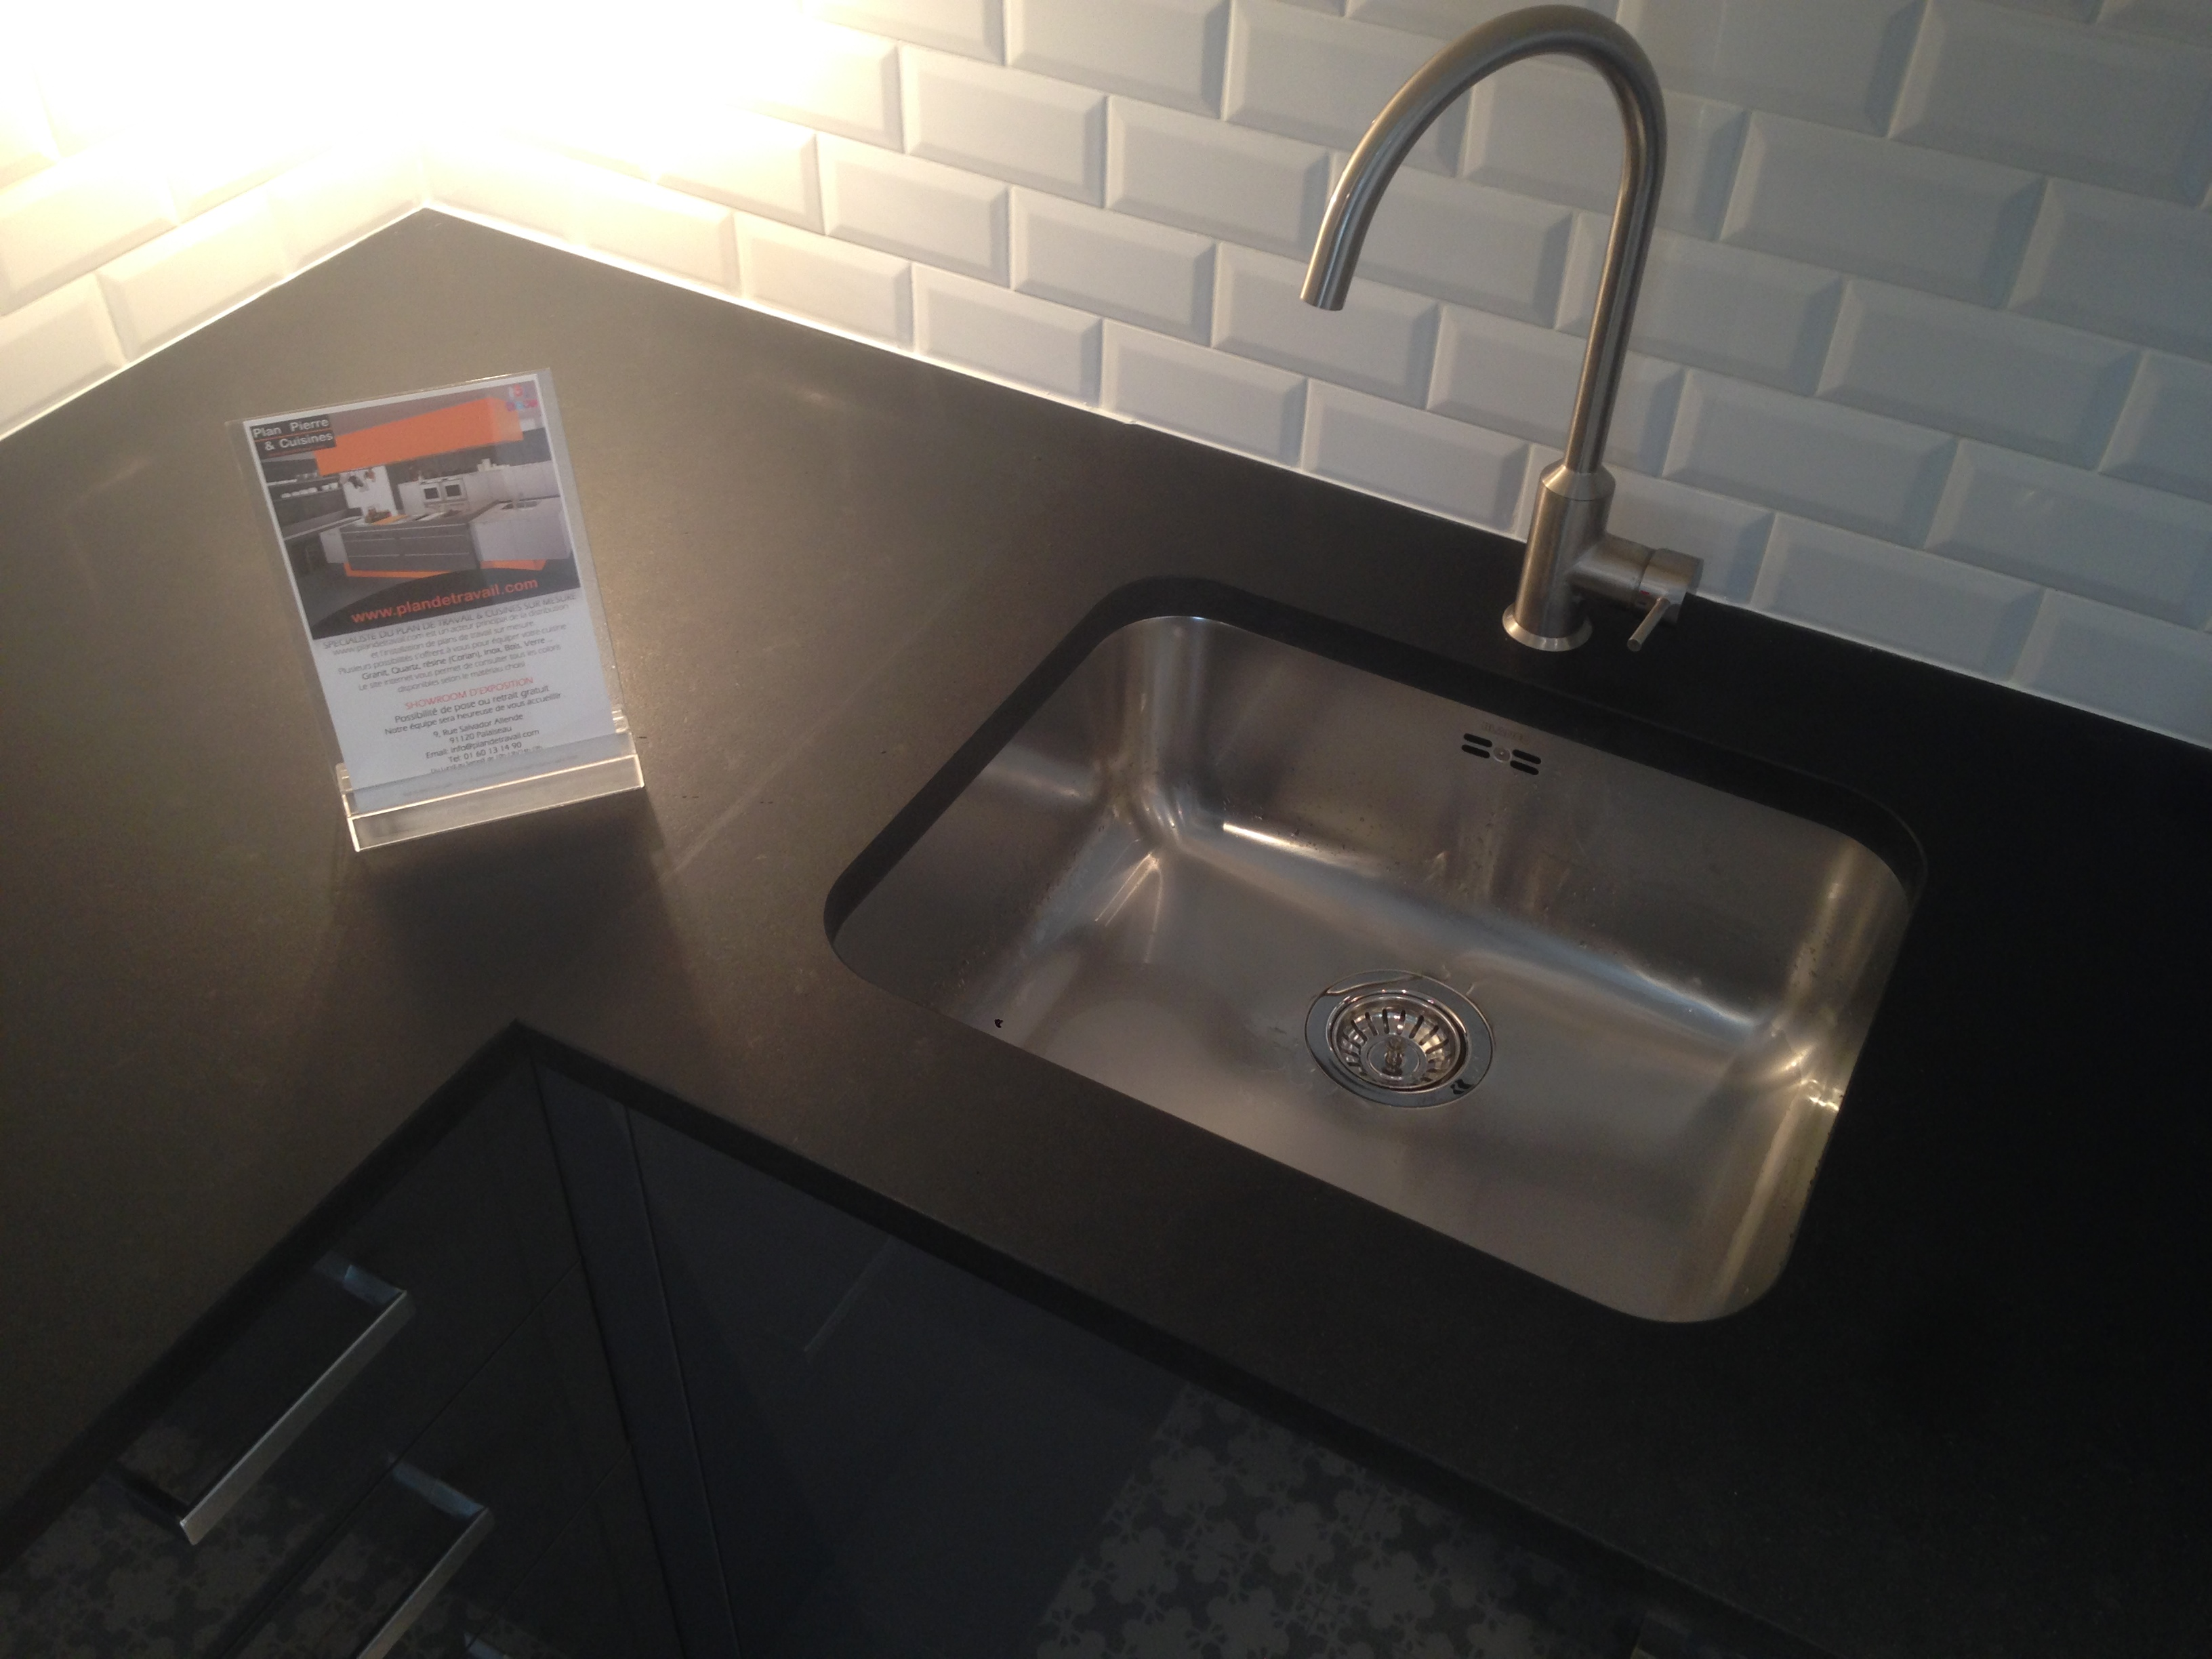 Plan de travail granit quartz table en mabre paris - Table coulissante sous plan travail ...